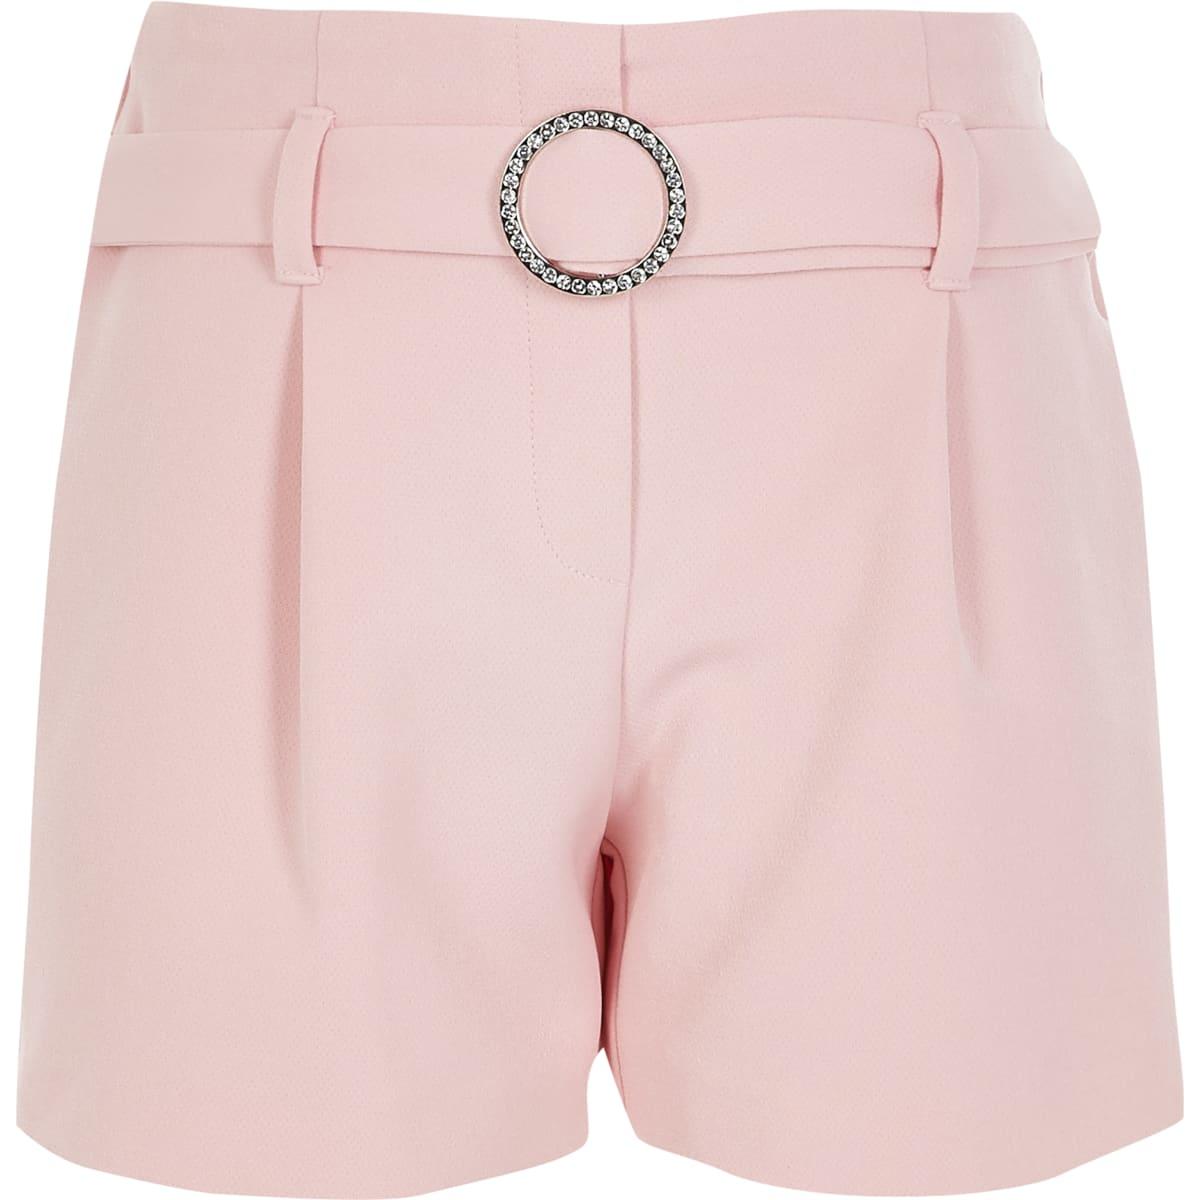 Roze shorts met ceintuur met siersteentjes voor meisjes